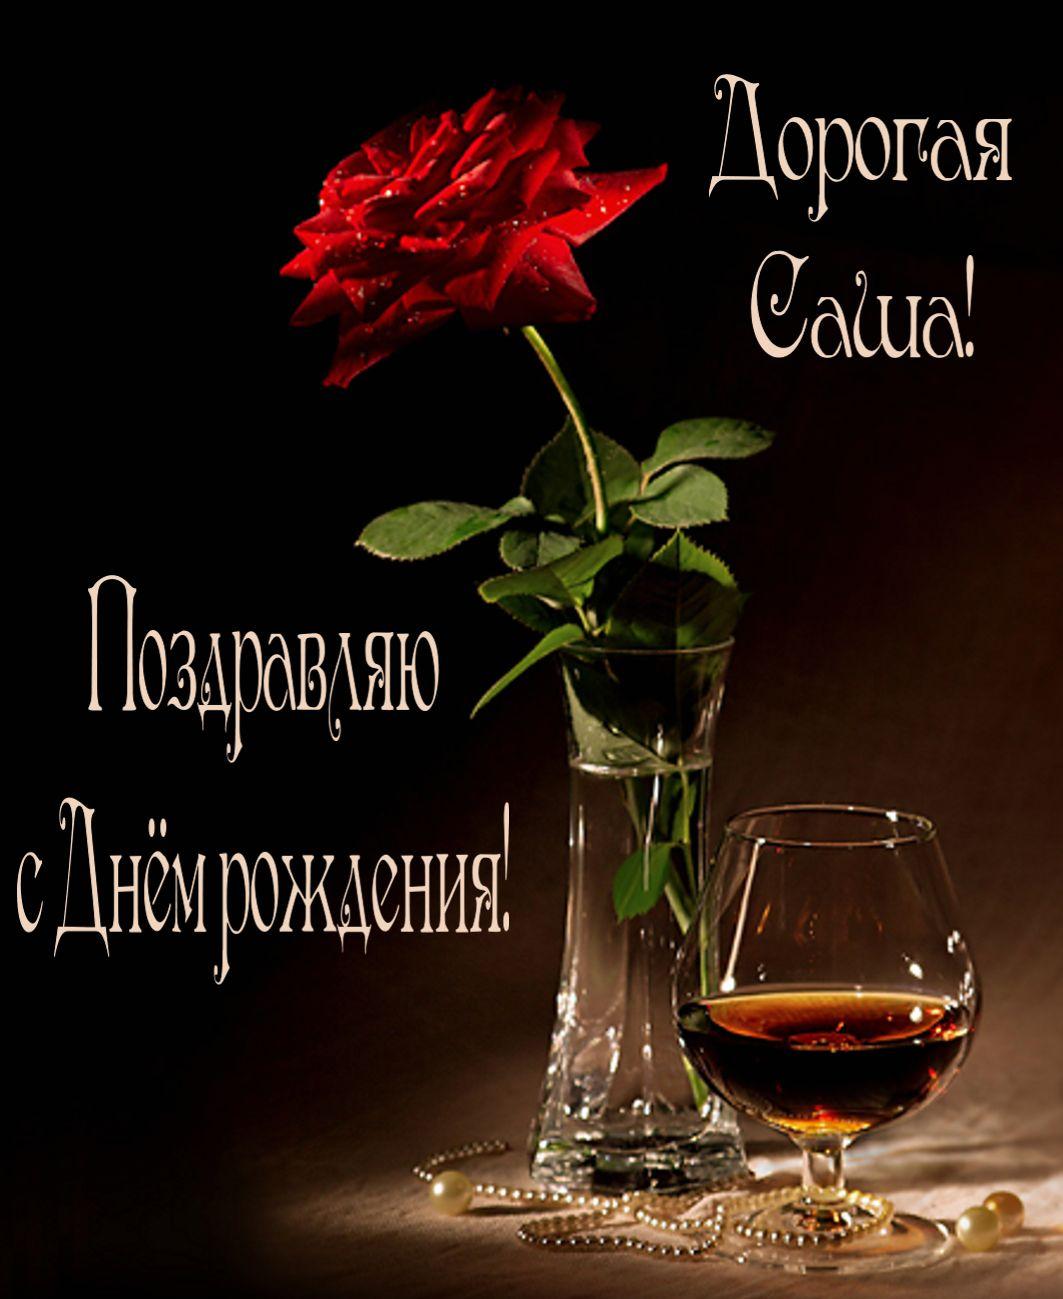 открытка - красивая роза в вазе на темном фоне для Саши